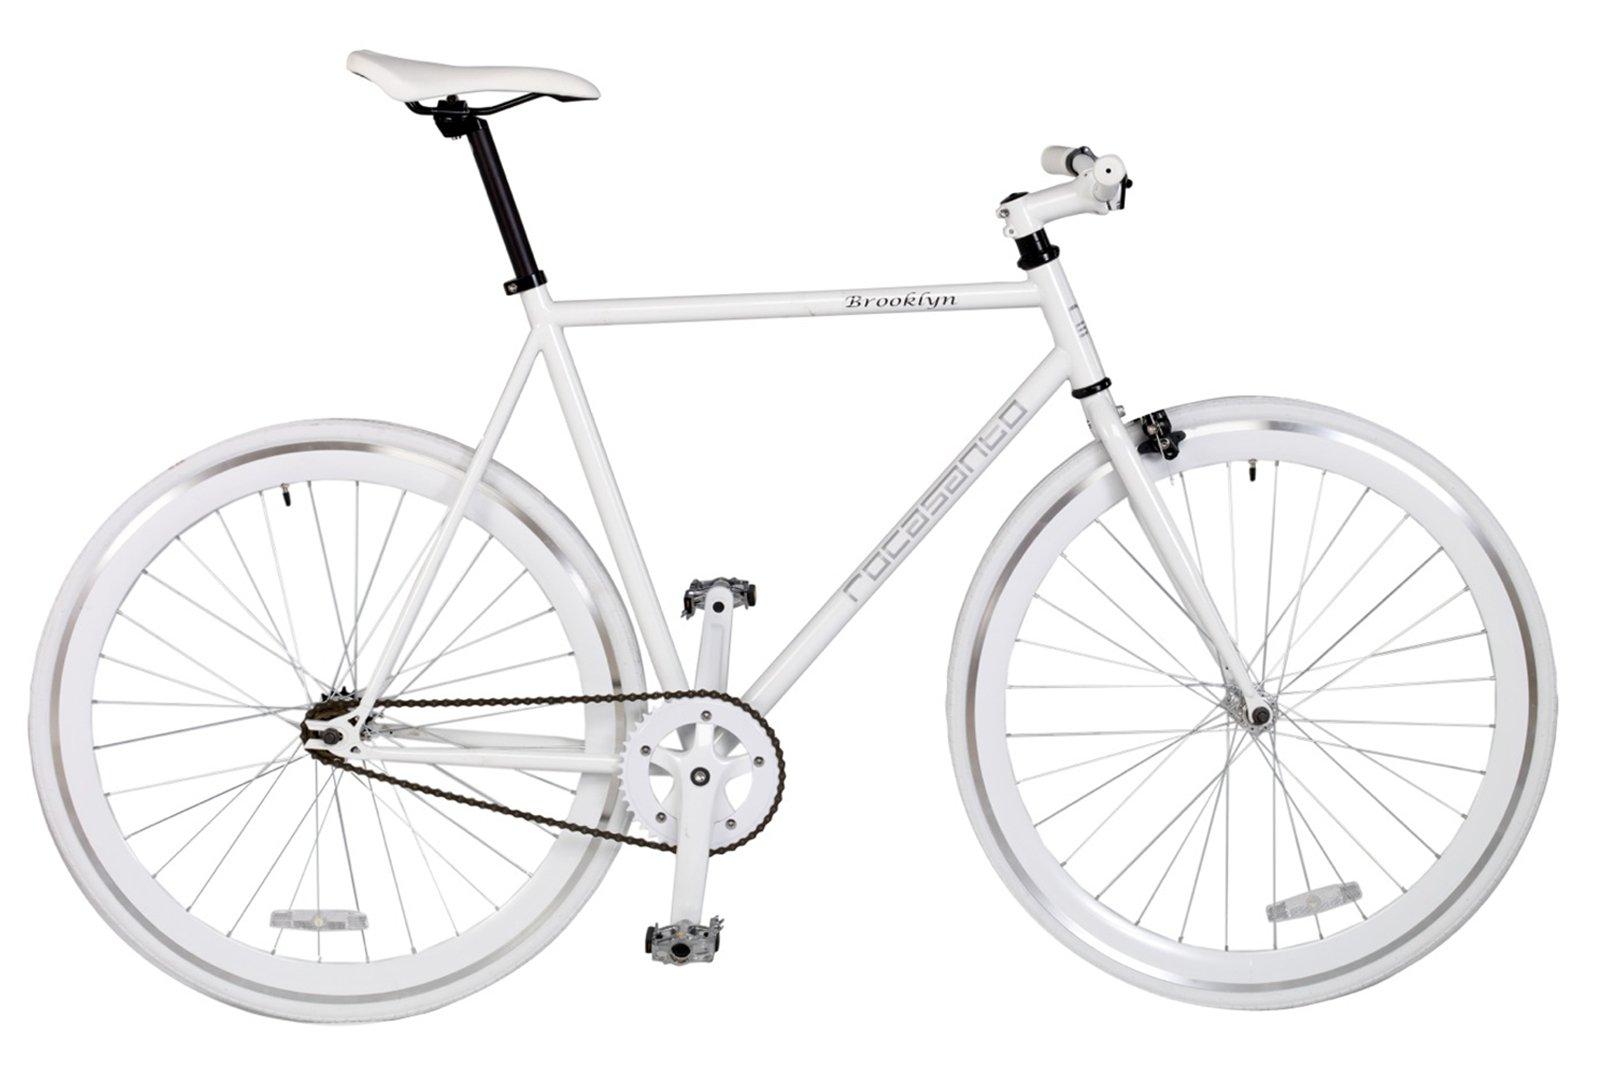 Rocasanto Bike - Bicicleta Fixie v, tamaño 54, Color Blanco/Blanco ...